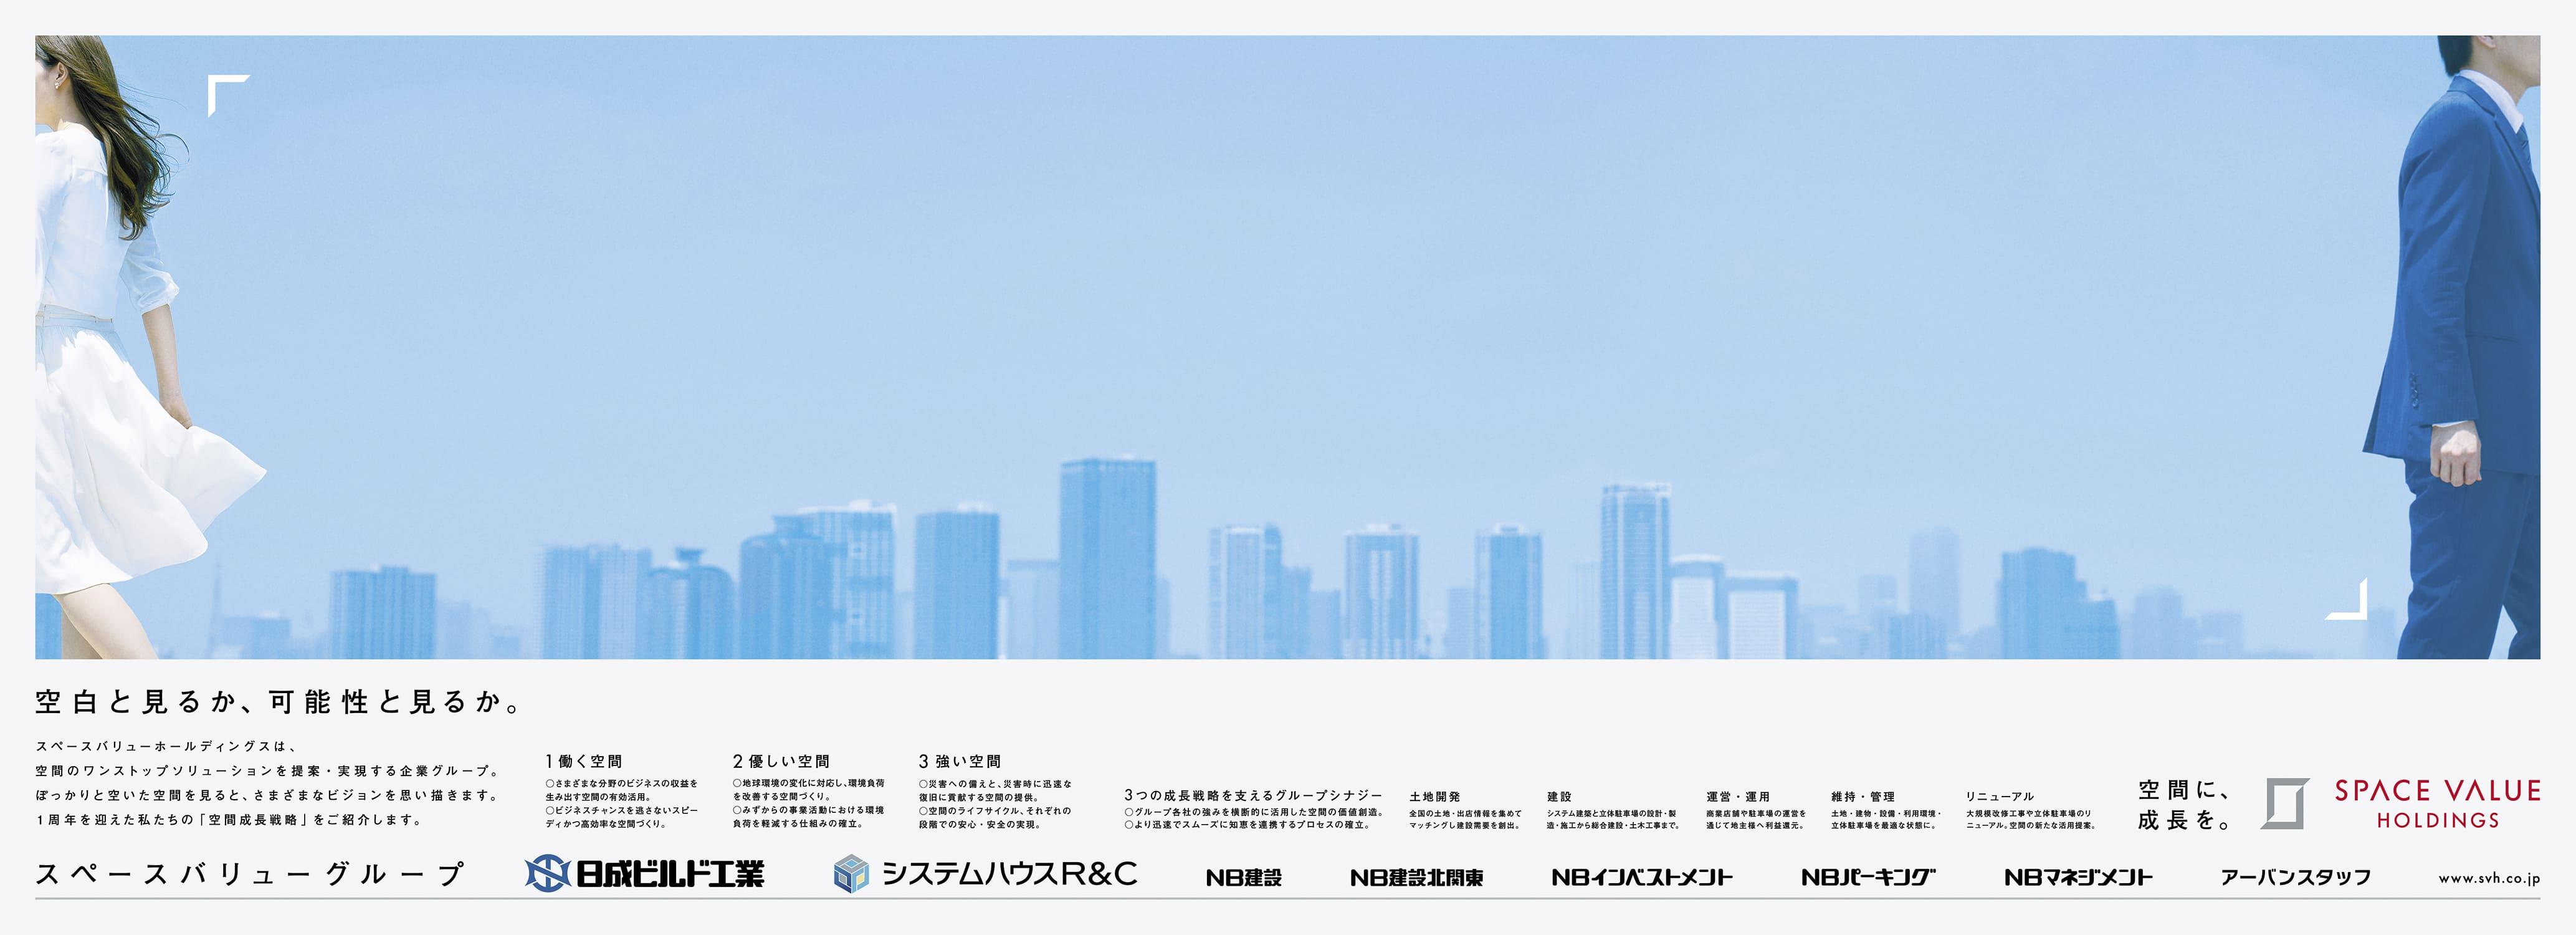 北國新聞・金沢マラソンラッピング企画紙面にスペースバリューグループの広告を掲載。